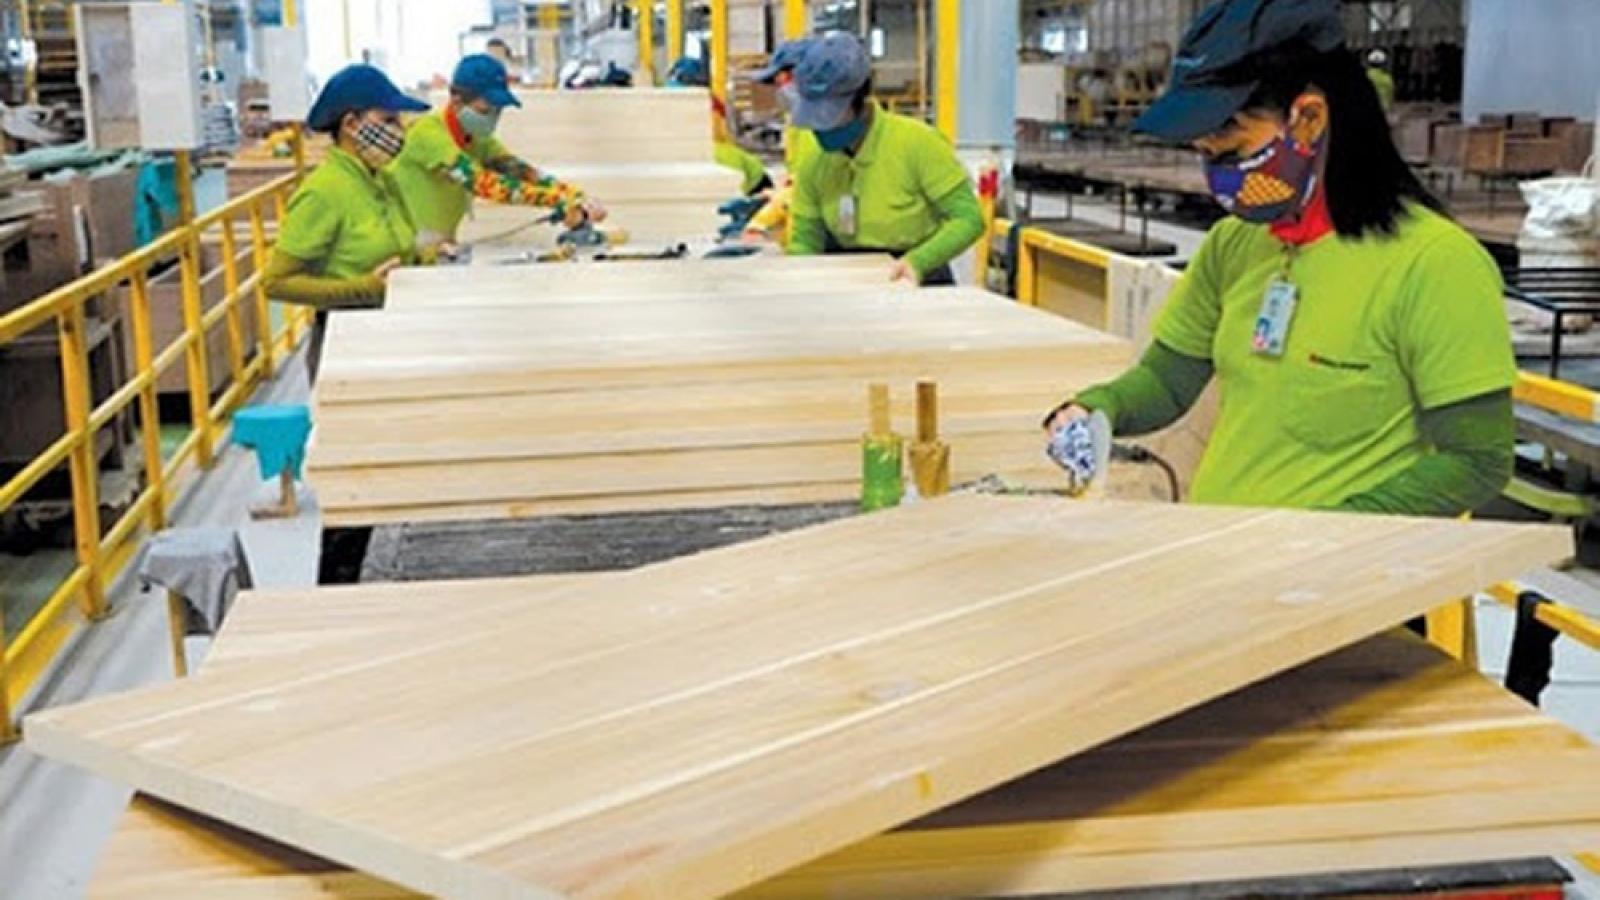 Mỹ vẫn là thị trường tiêu thụ sản phẩm gỗ lớn nhất của Việt Nam